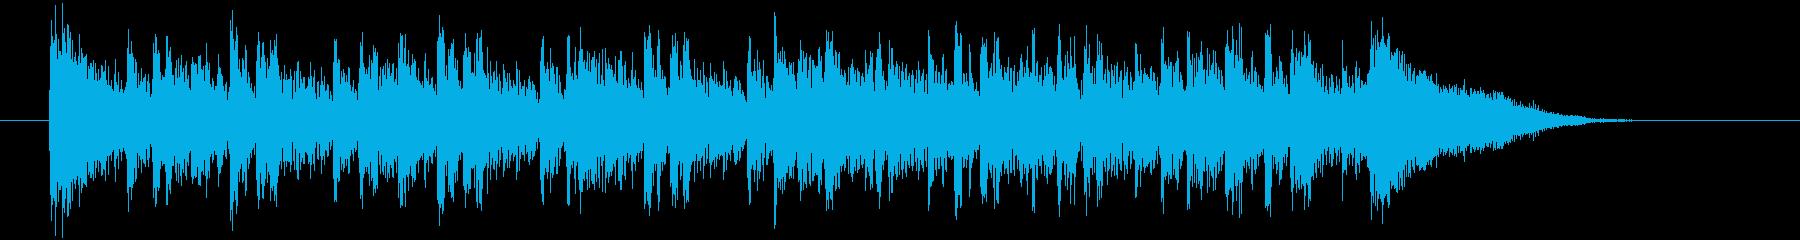 パーカッション系シークエンサーのEDMの再生済みの波形